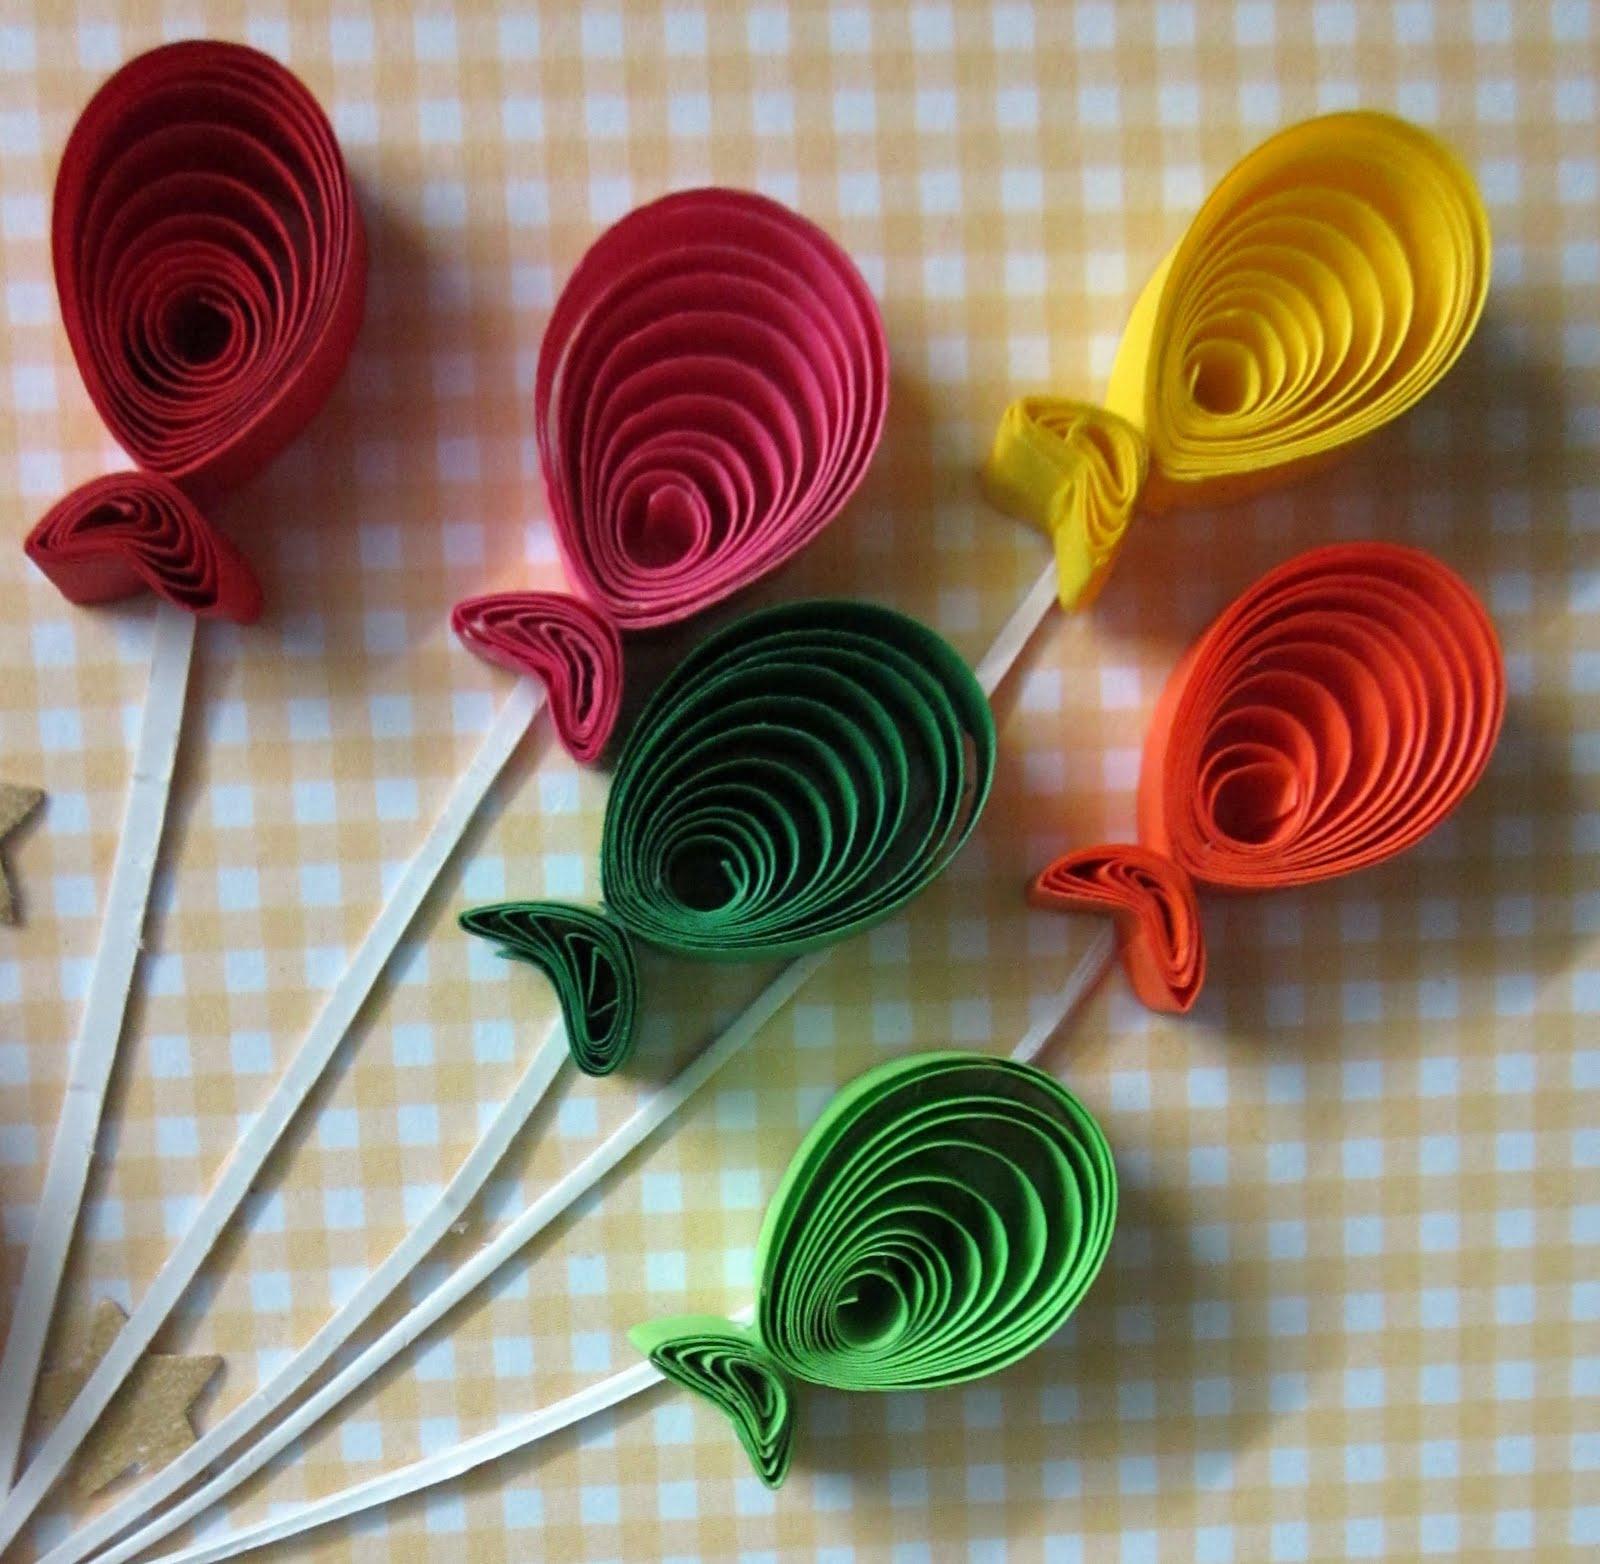 Квиллинговые поделки для начинающих: схемы, цветы пошагово и инструкции